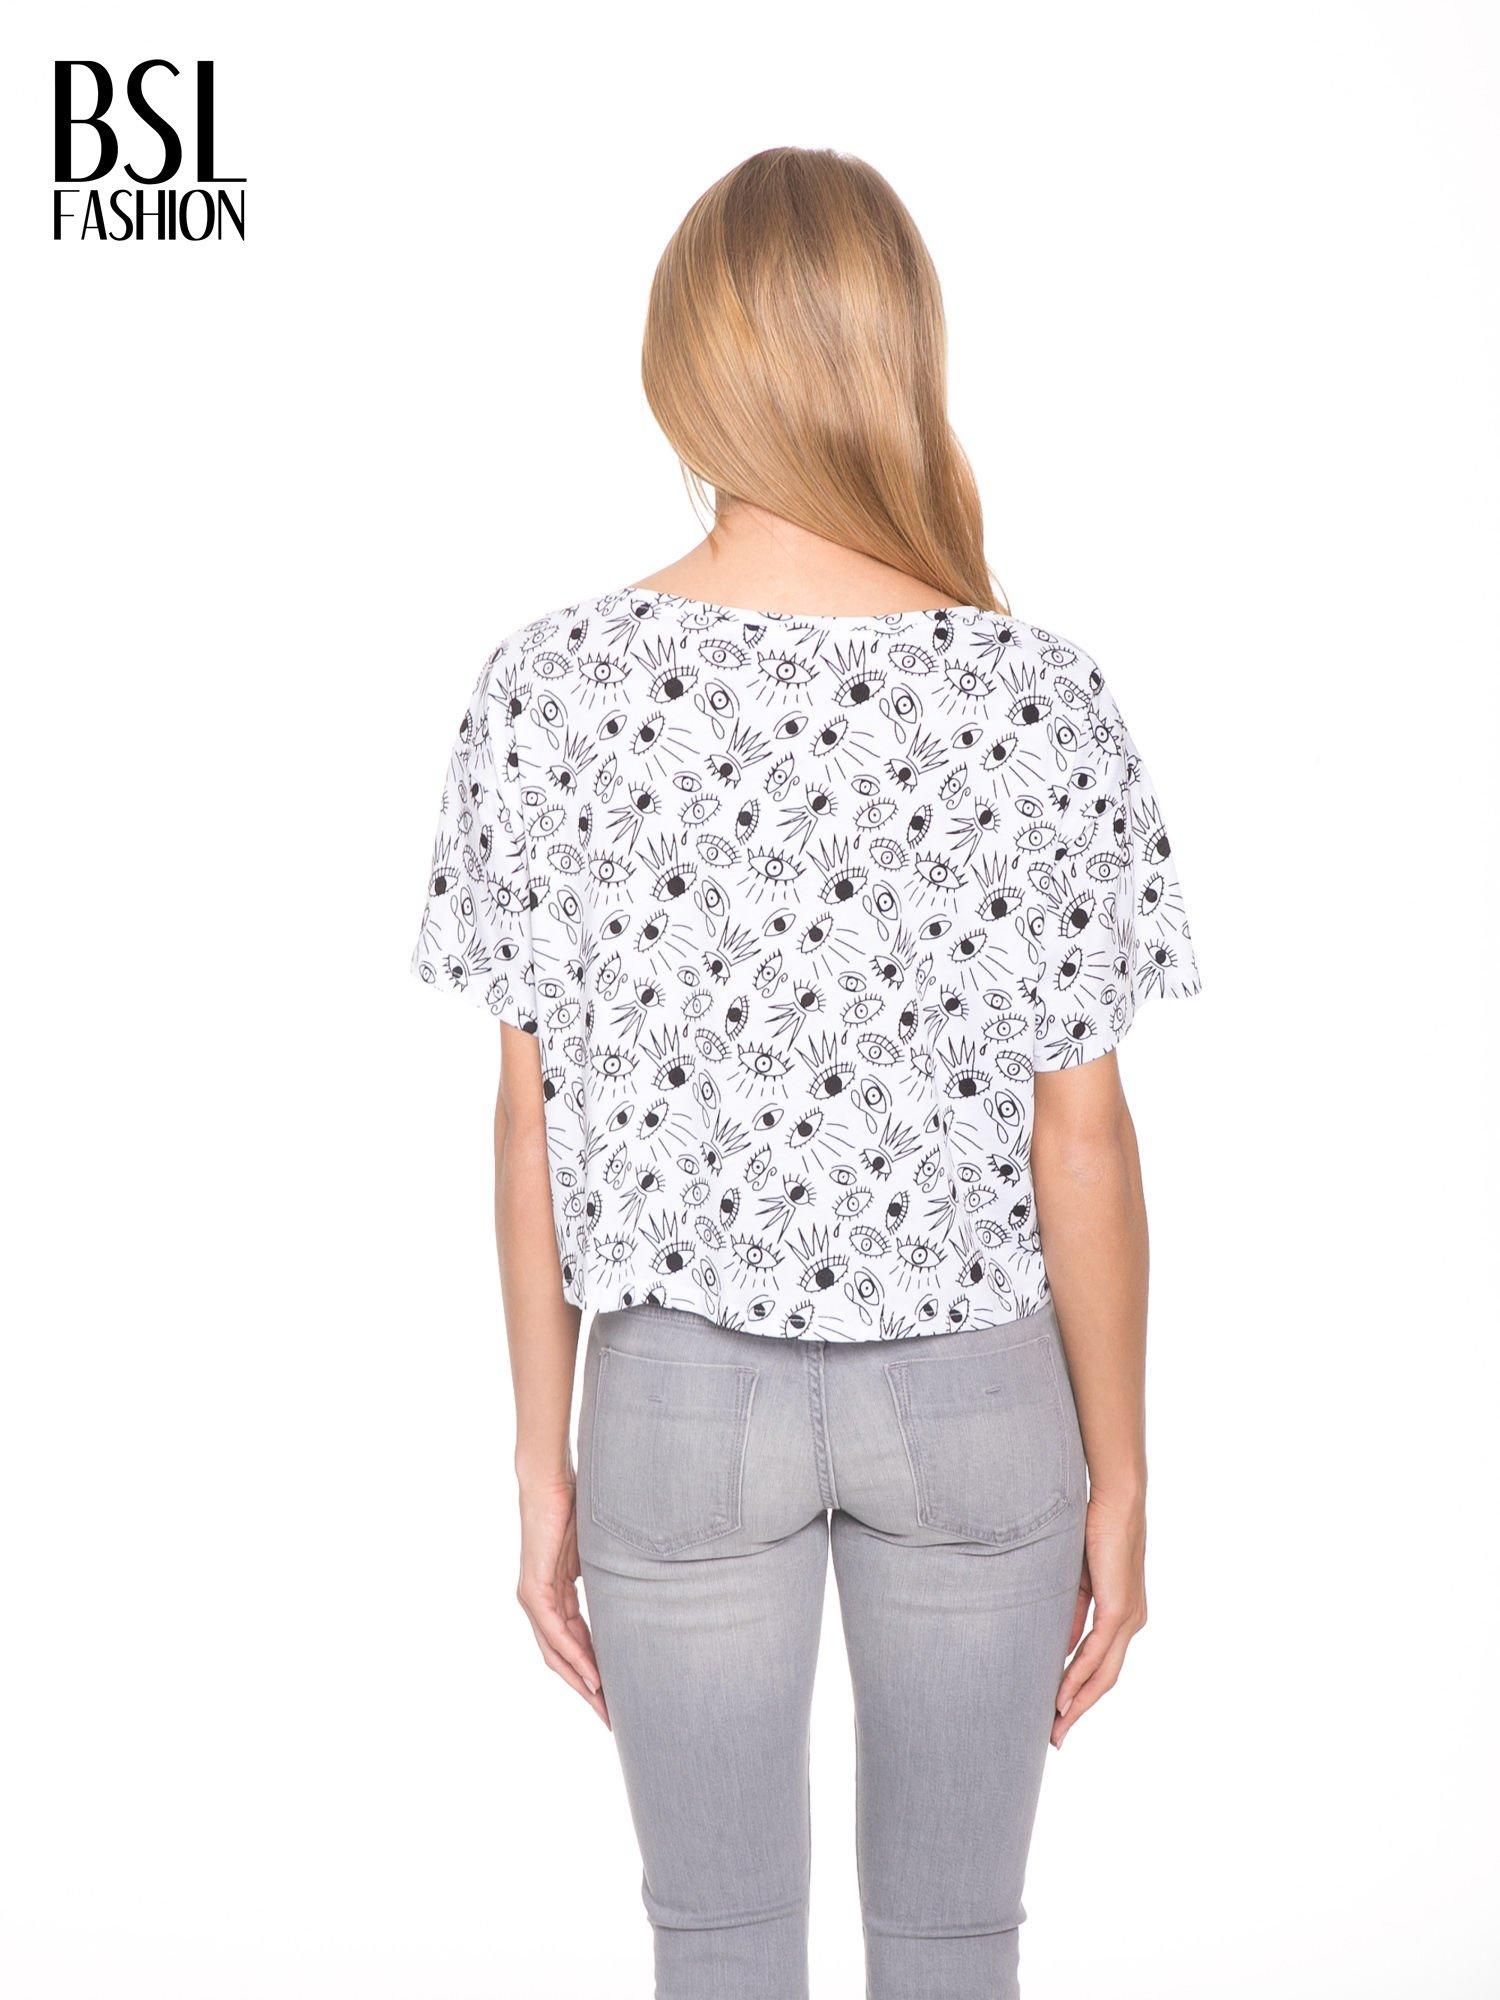 Biały luźny krótki t-shirt z kieszonką w nadruk oczu                                  zdj.                                  4